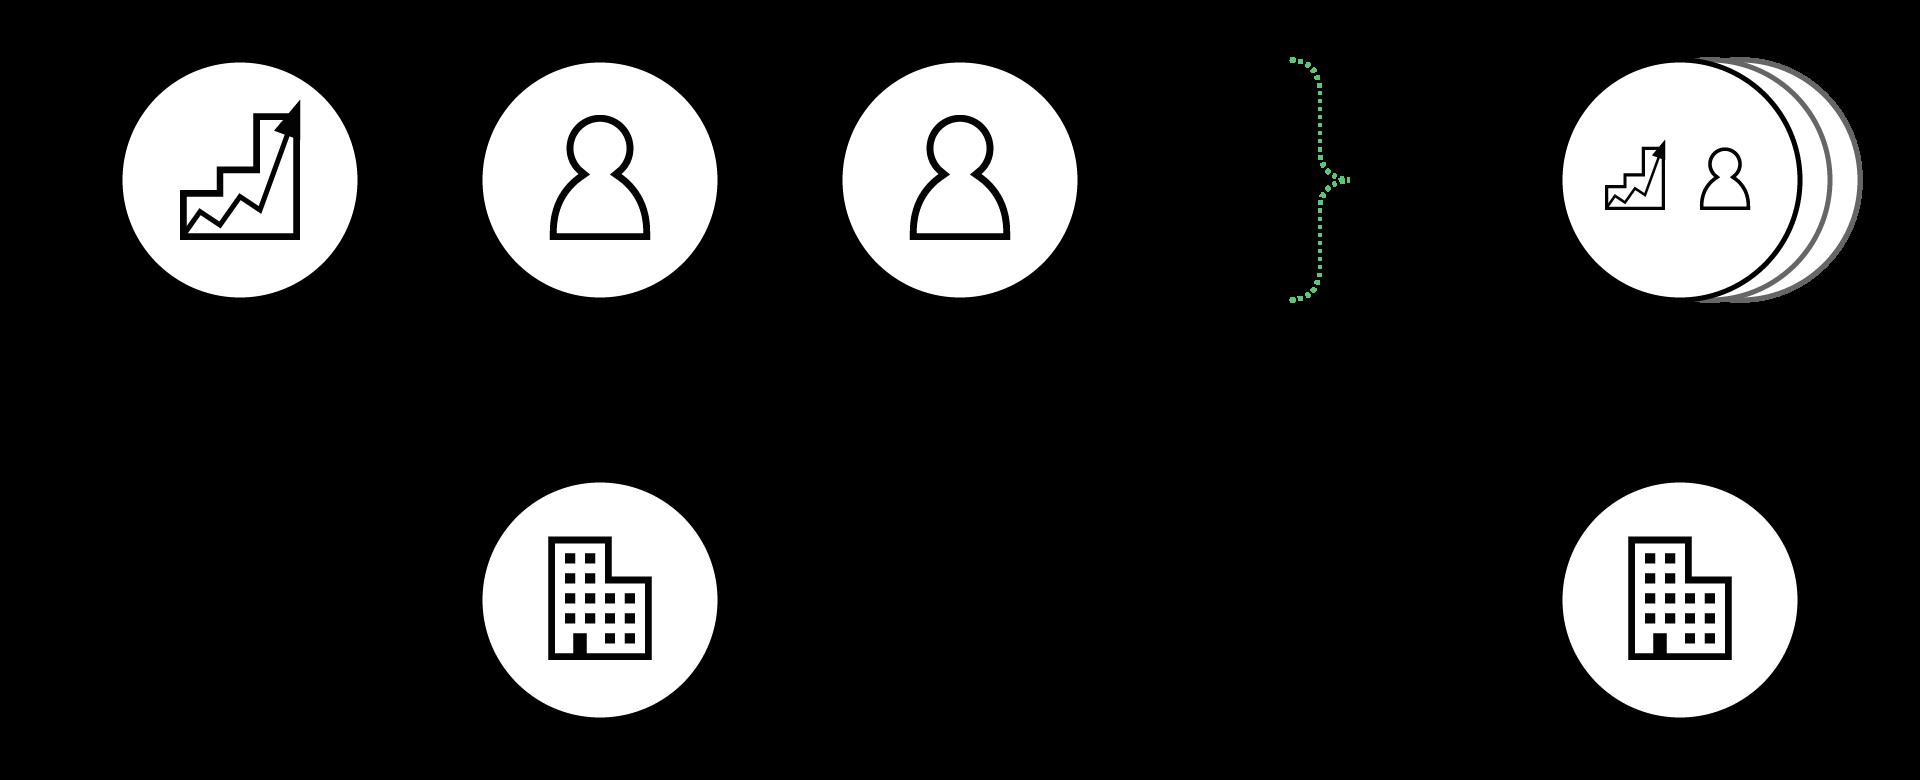 Owner Stack in a BOVS Diagram